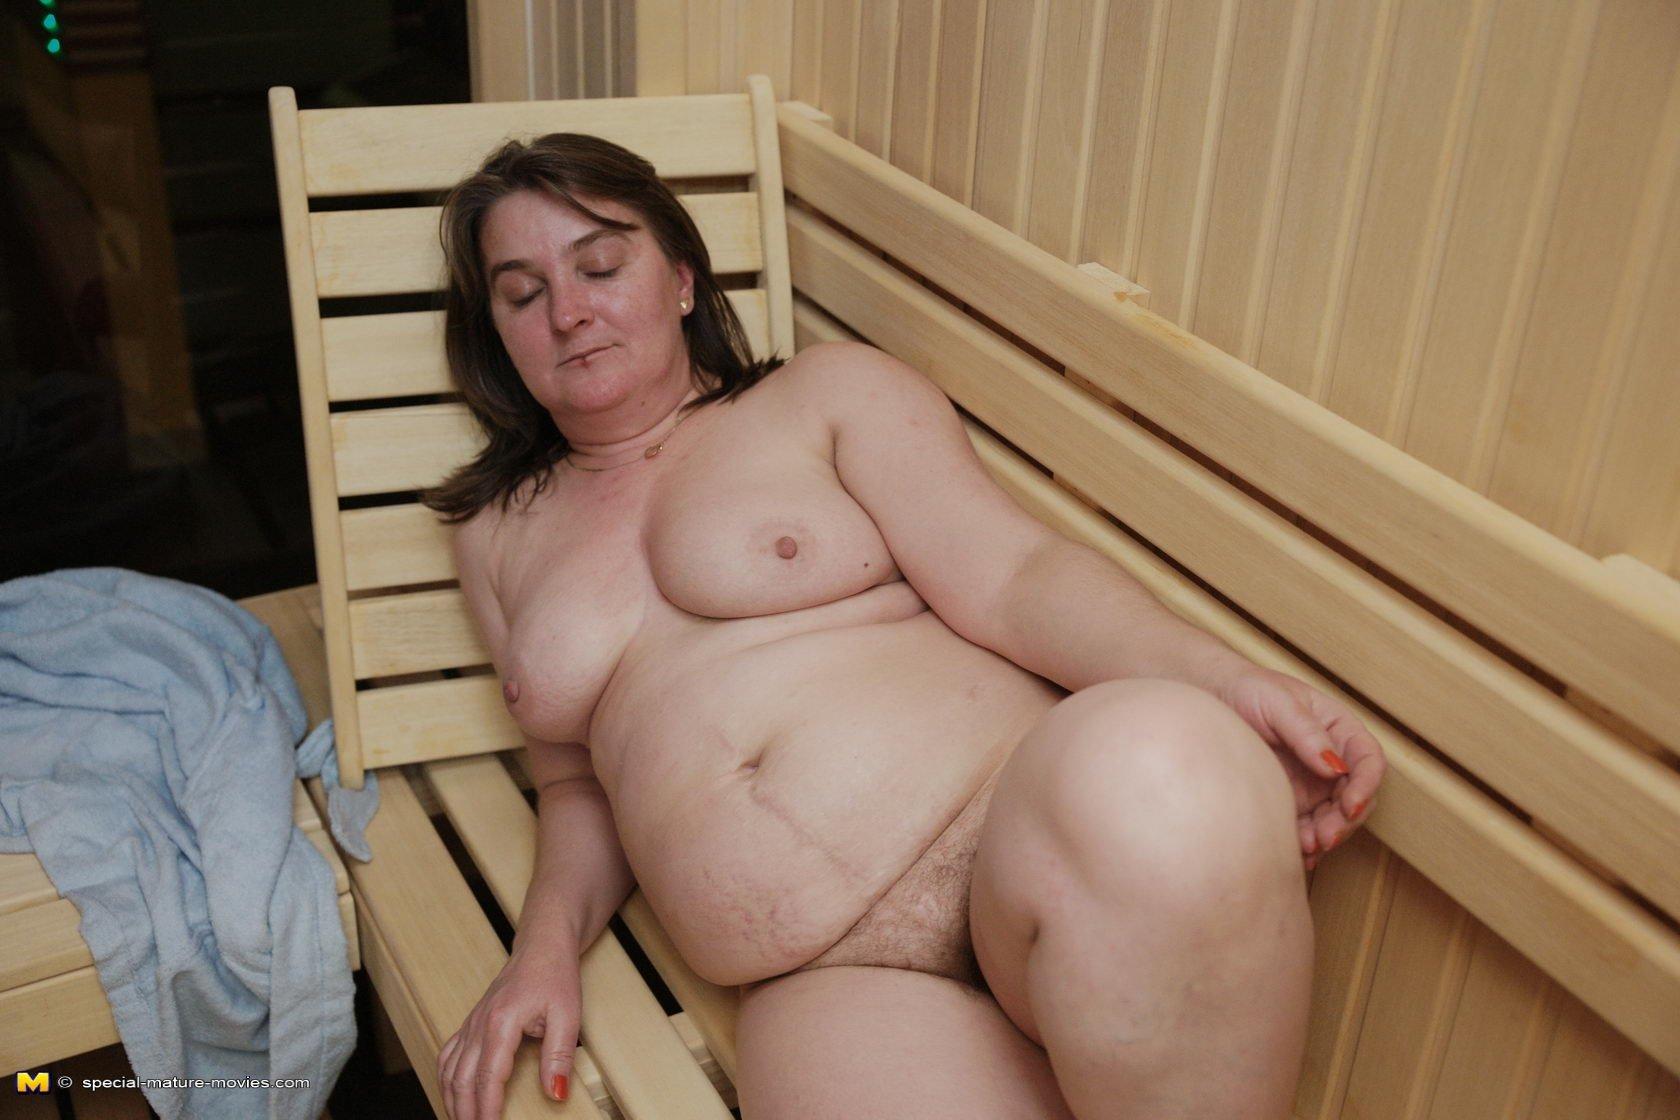 Видео Обнаженных Толстых Жен В Сауне